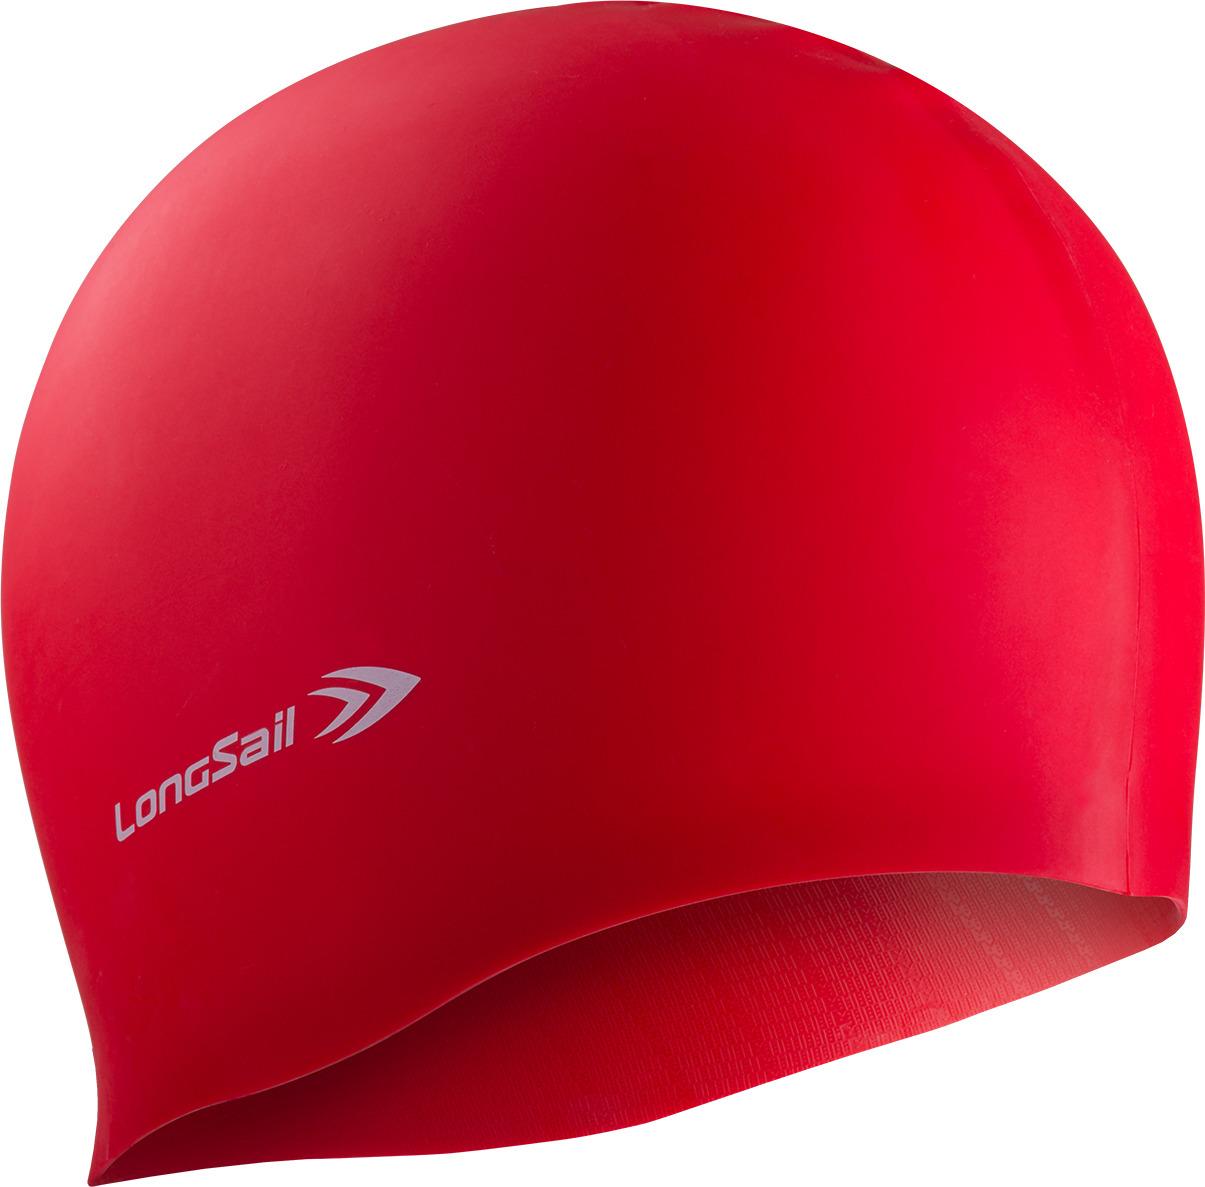 Шапочка для плавания LongSail, цвет: красный. 1/240 рио выигрывает toswim созвездие шапочки для плавания шапочки для плавания ts61401246 персонализированных тенденций моды плавания весов